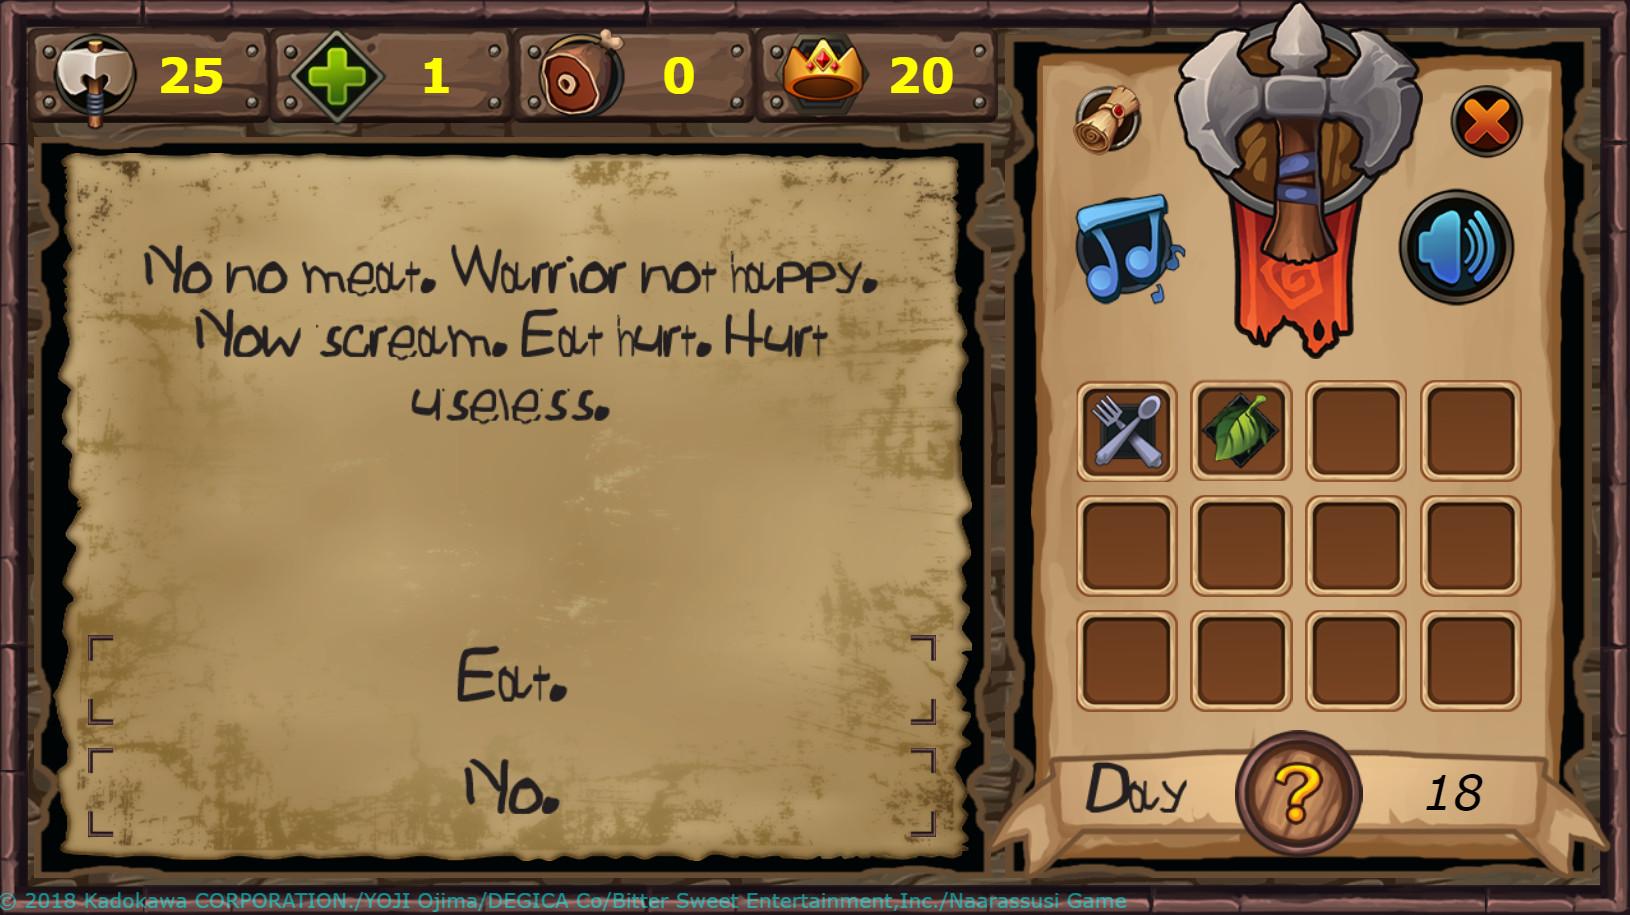 com.steam.827670-screenshot